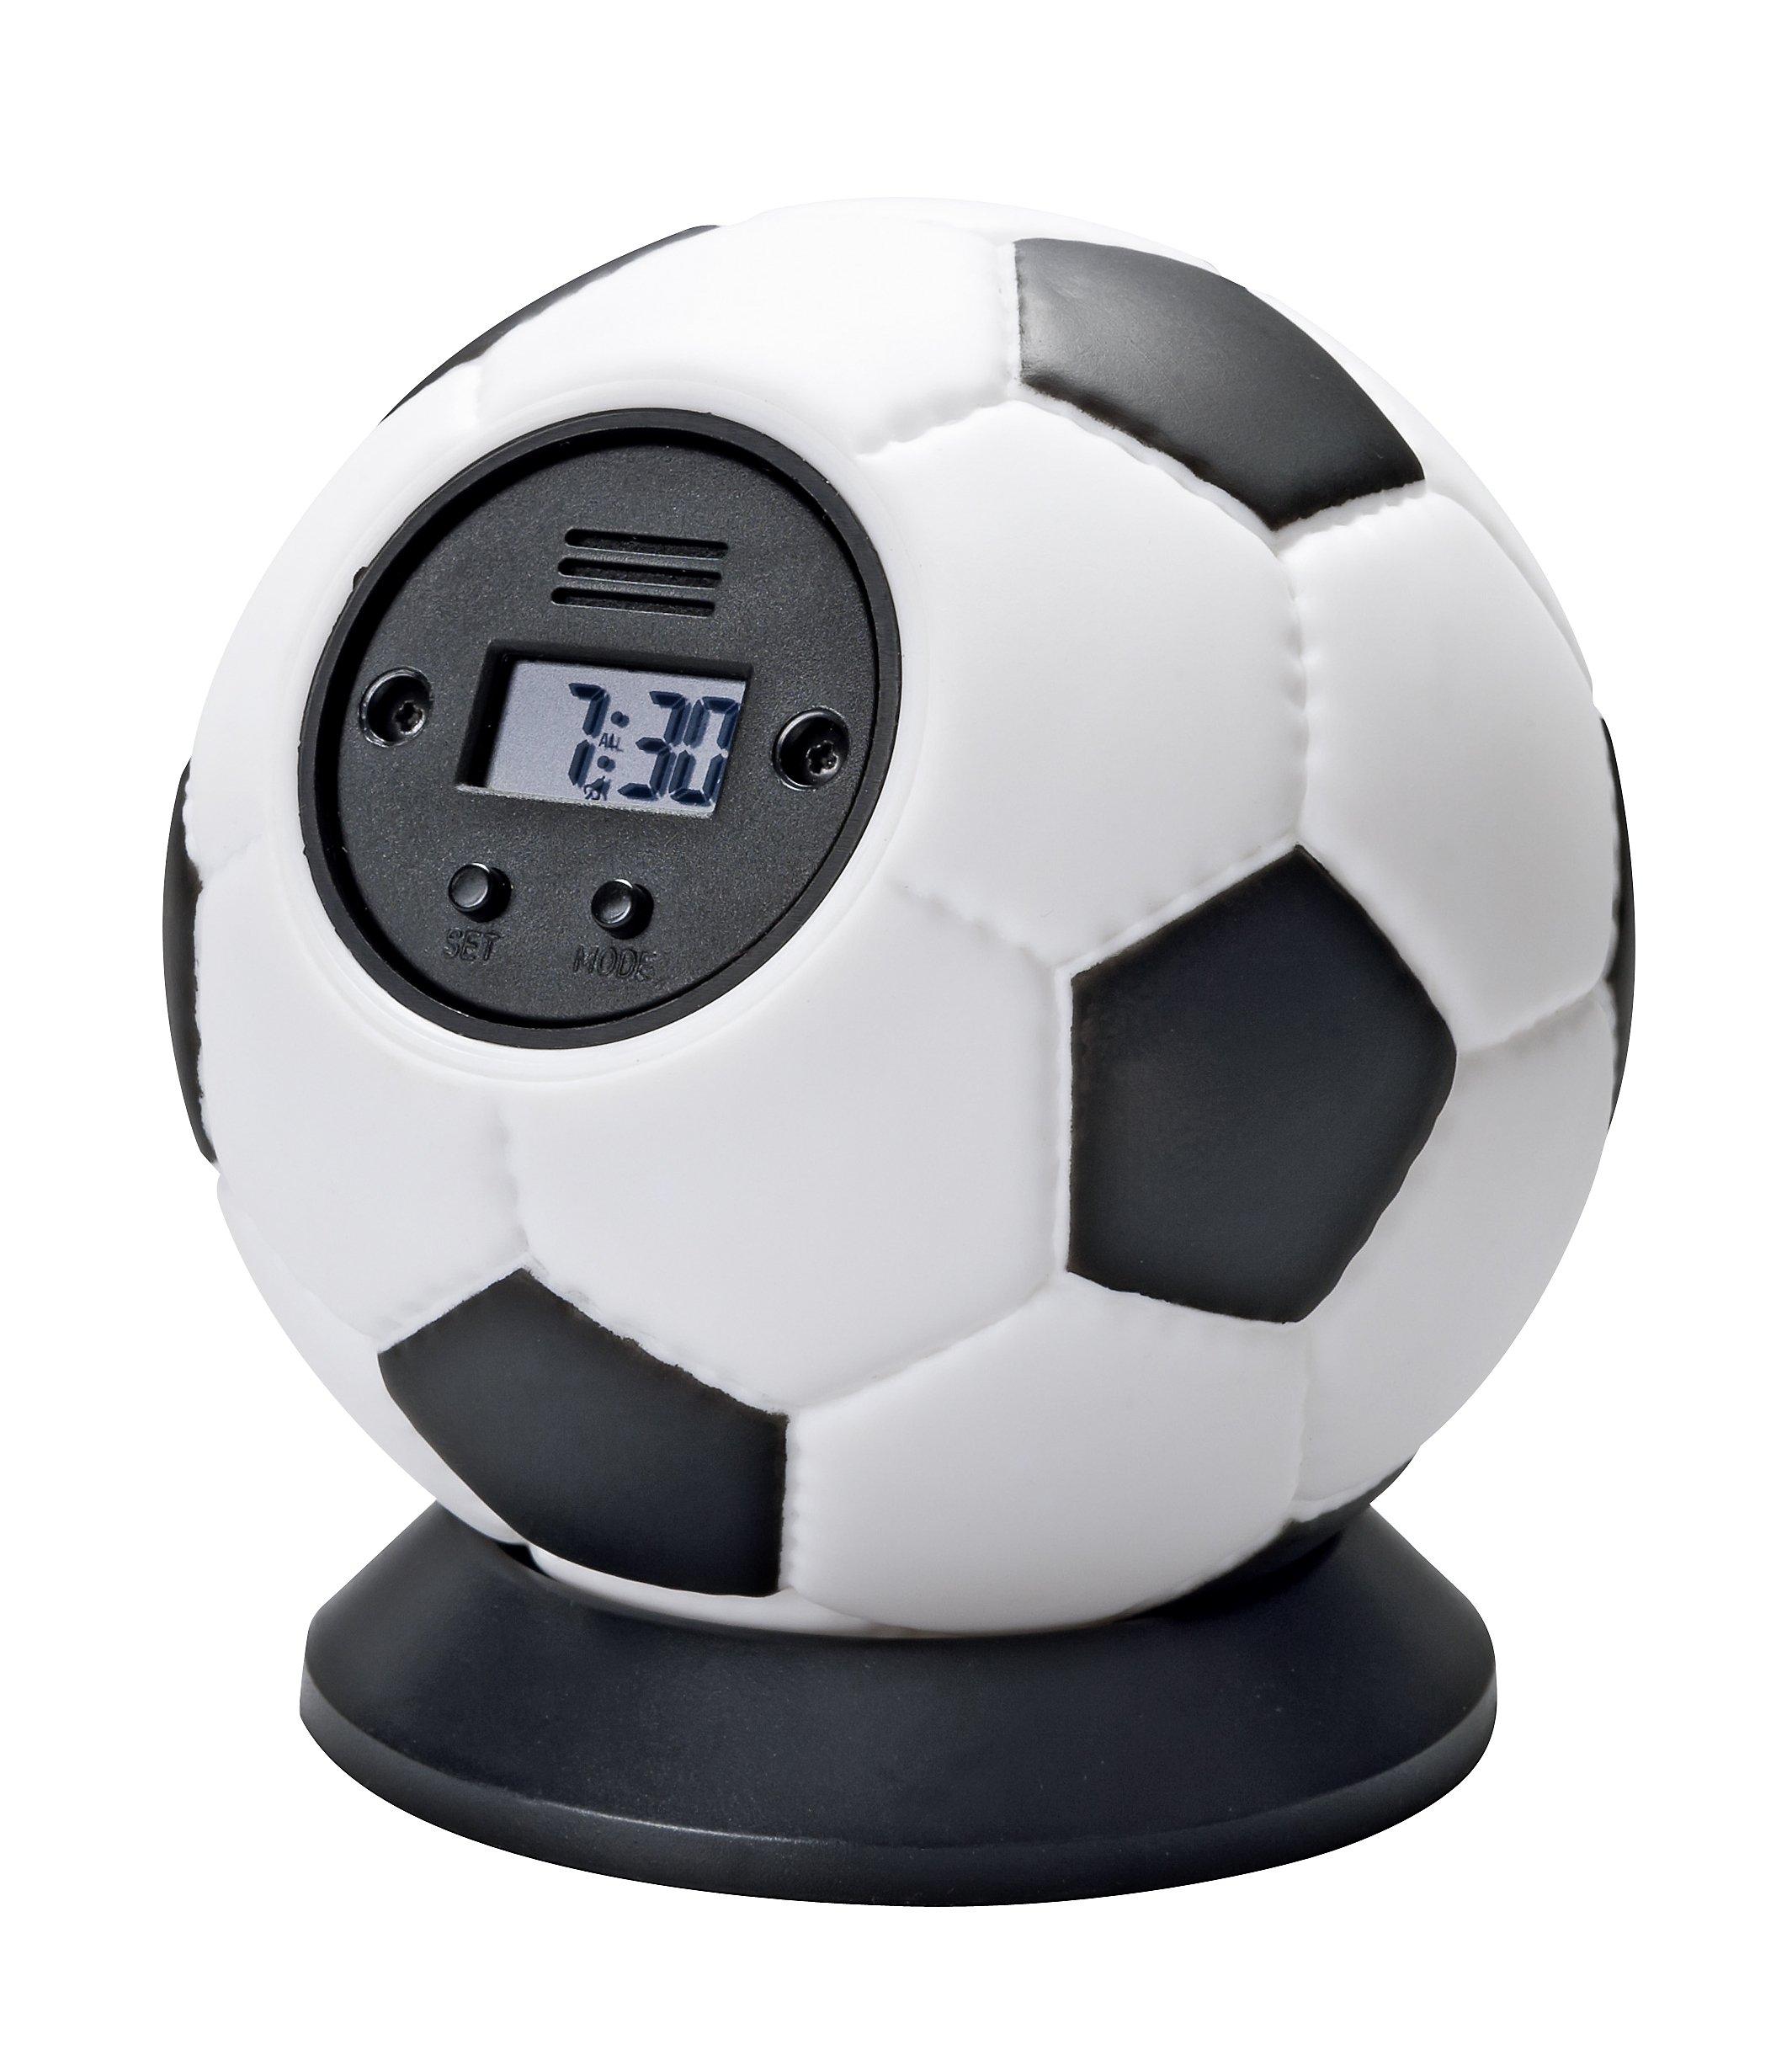 Fussball Wecker 12 Cm Jetzt Bei Weltbild Ch Bestellen